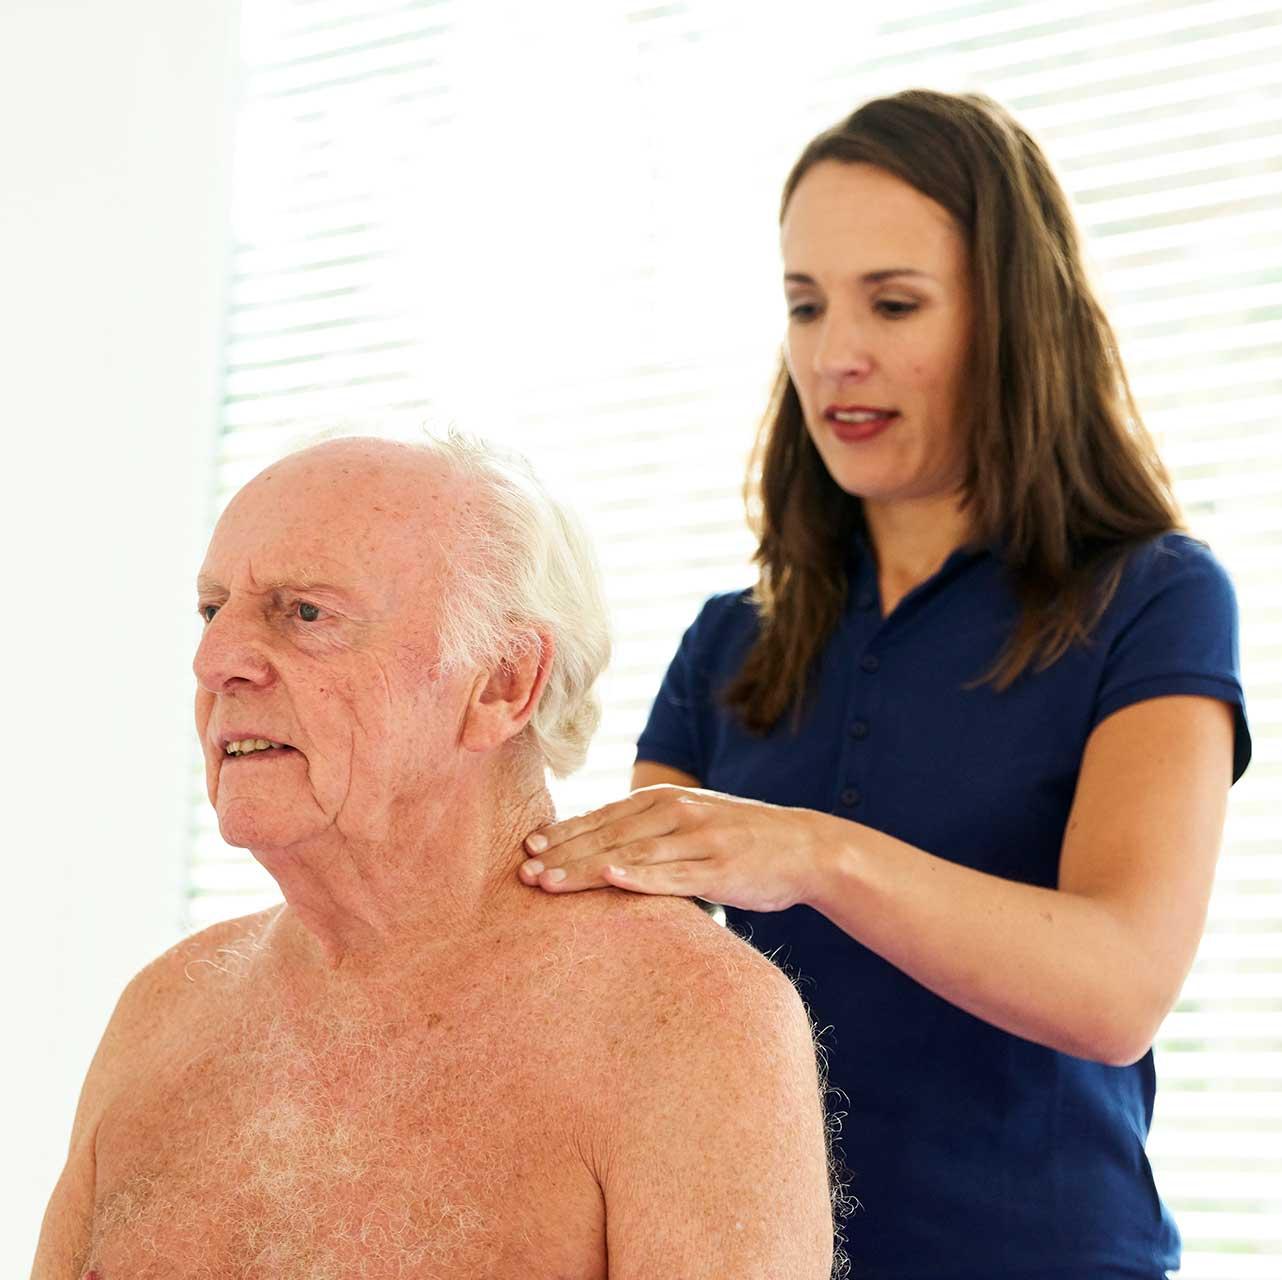 Behandeling van schouders oudere man door vrouwelijke fysiotherapeute | Fysio Stenia Zeist